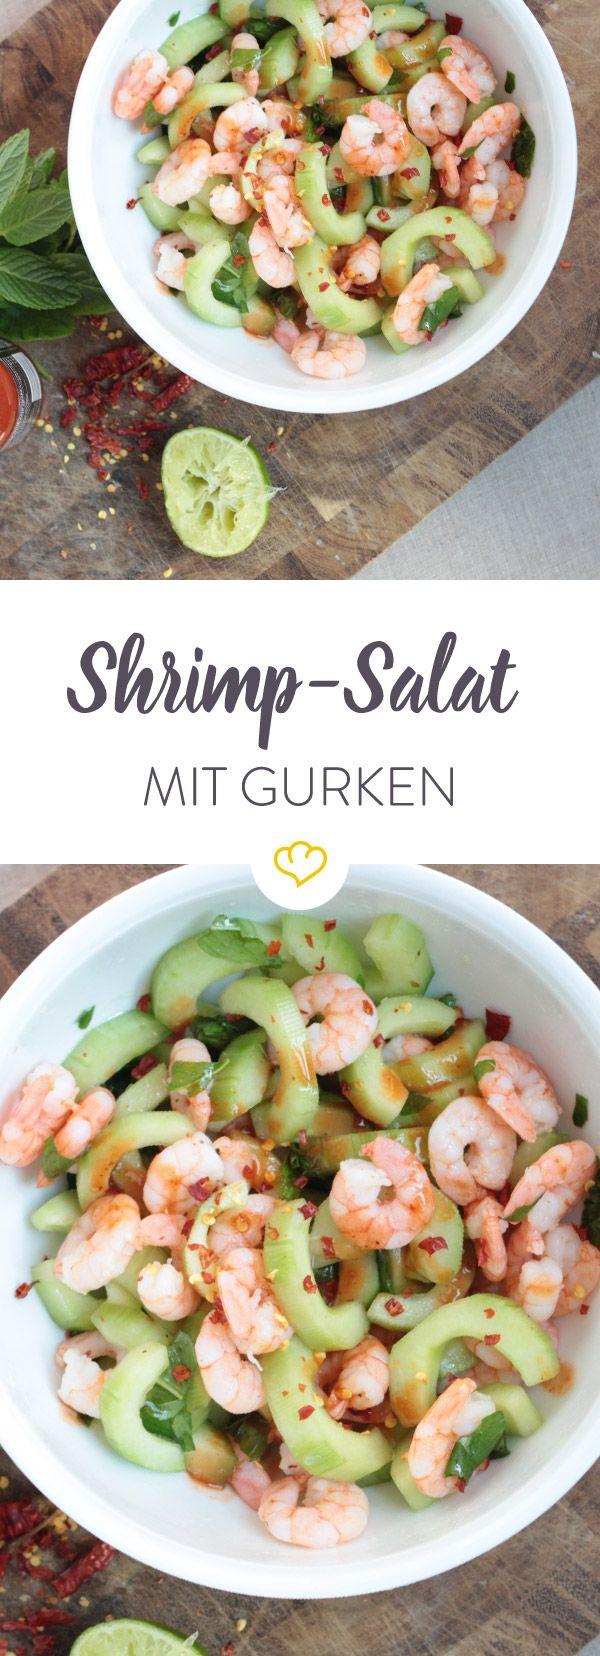 Frische Gurkenstückchen treffen zarte Shrimps, Kräuter und Limettensaft in der Salatschüssel, um dich bei deiner nächsten Mahlzeit zu erfrischen.